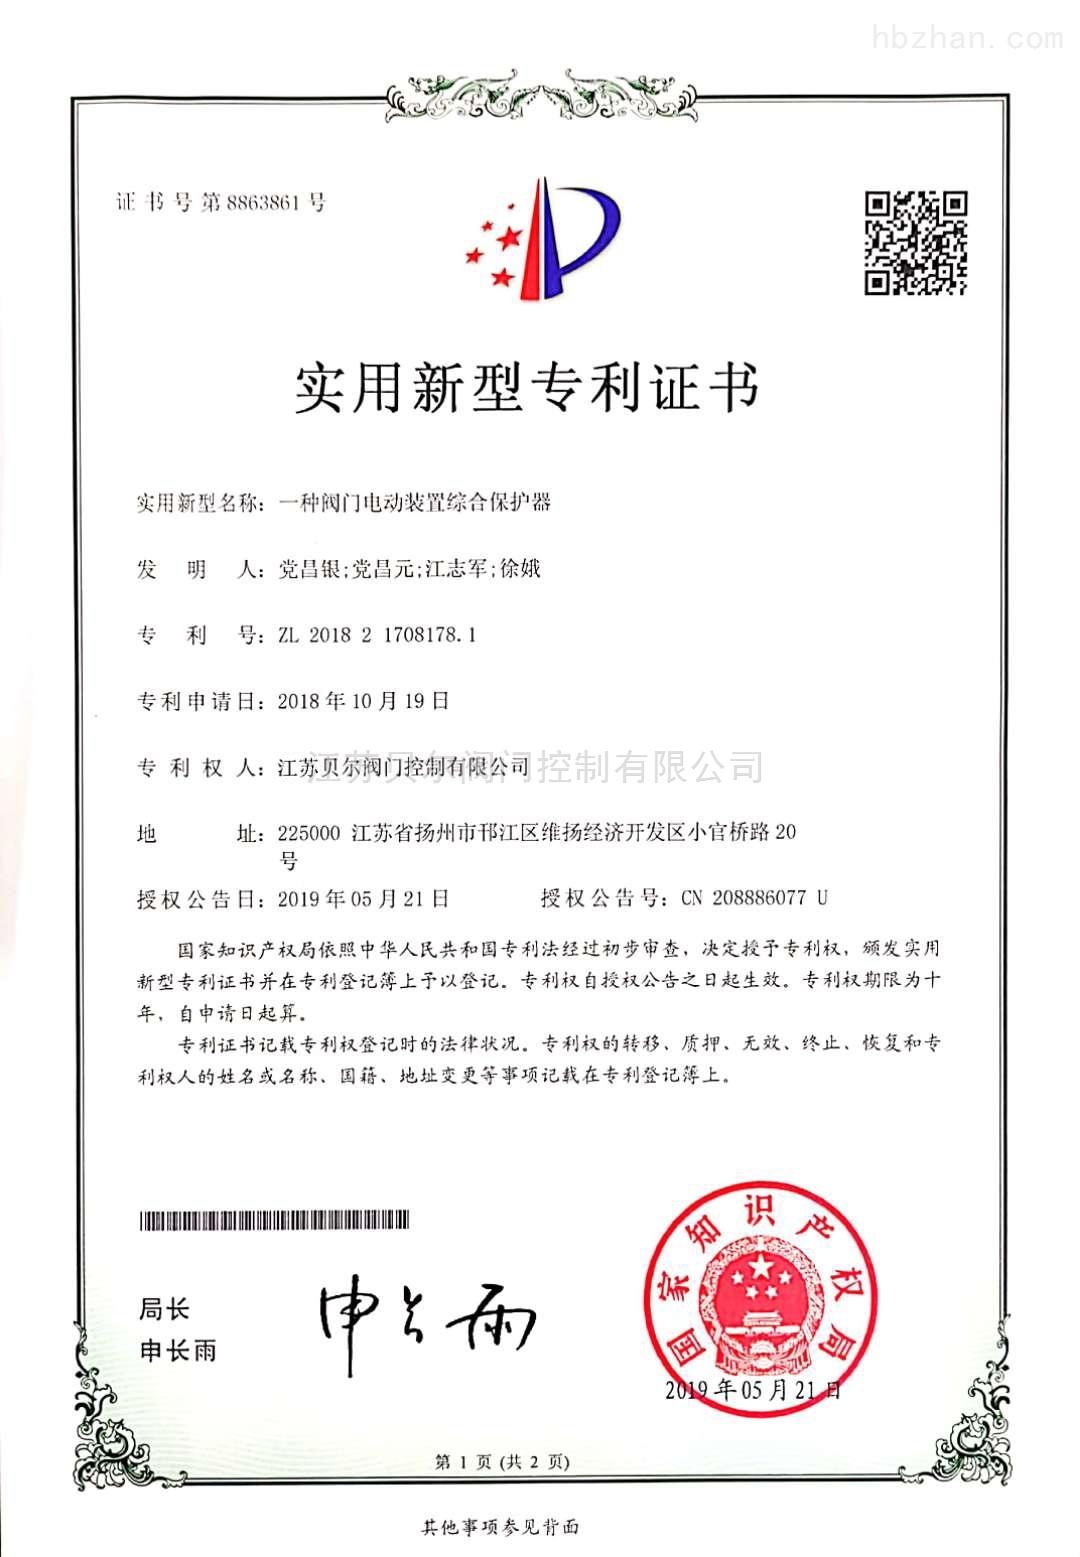 阀门电动装置综合保护器实用新型专利证书